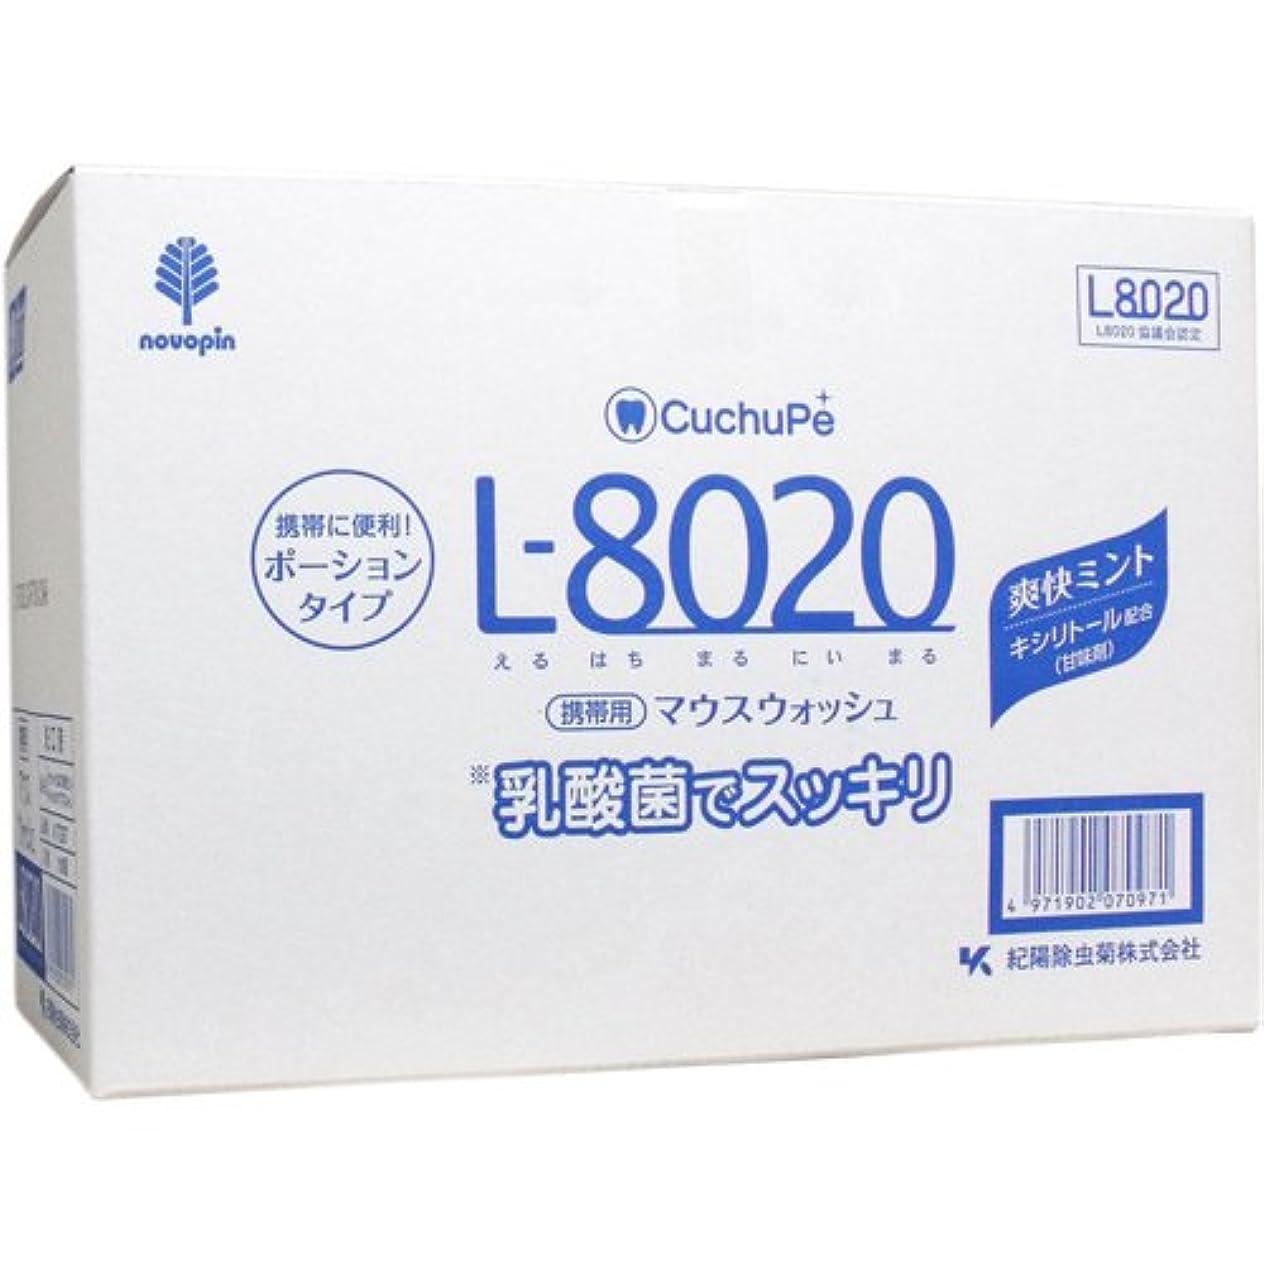 マスク鼓舞する追跡クチュッペ L-8020 マウスウォッシュ 爽快ミント ポーションタイプ 100個入